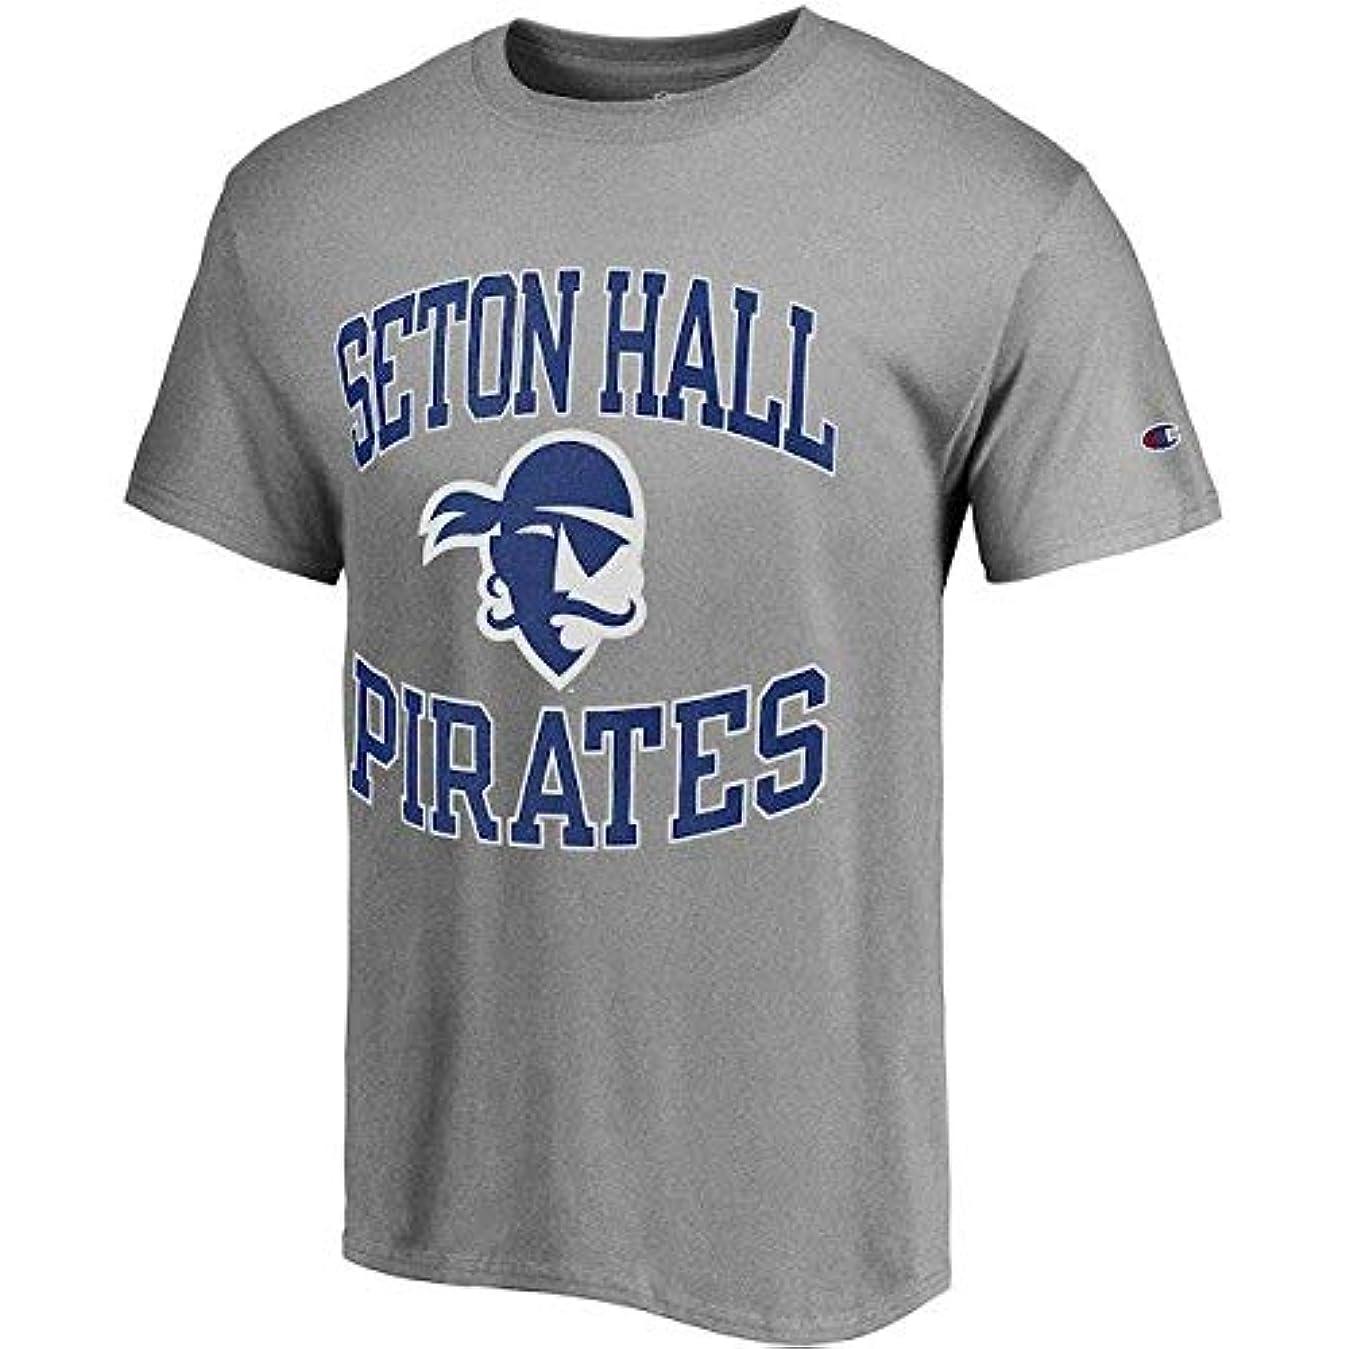 靴下加速度違反Champion Champion Seton Hall Pirates Gray Tradition T-Shirt スポーツ用品 【並行輸入品】